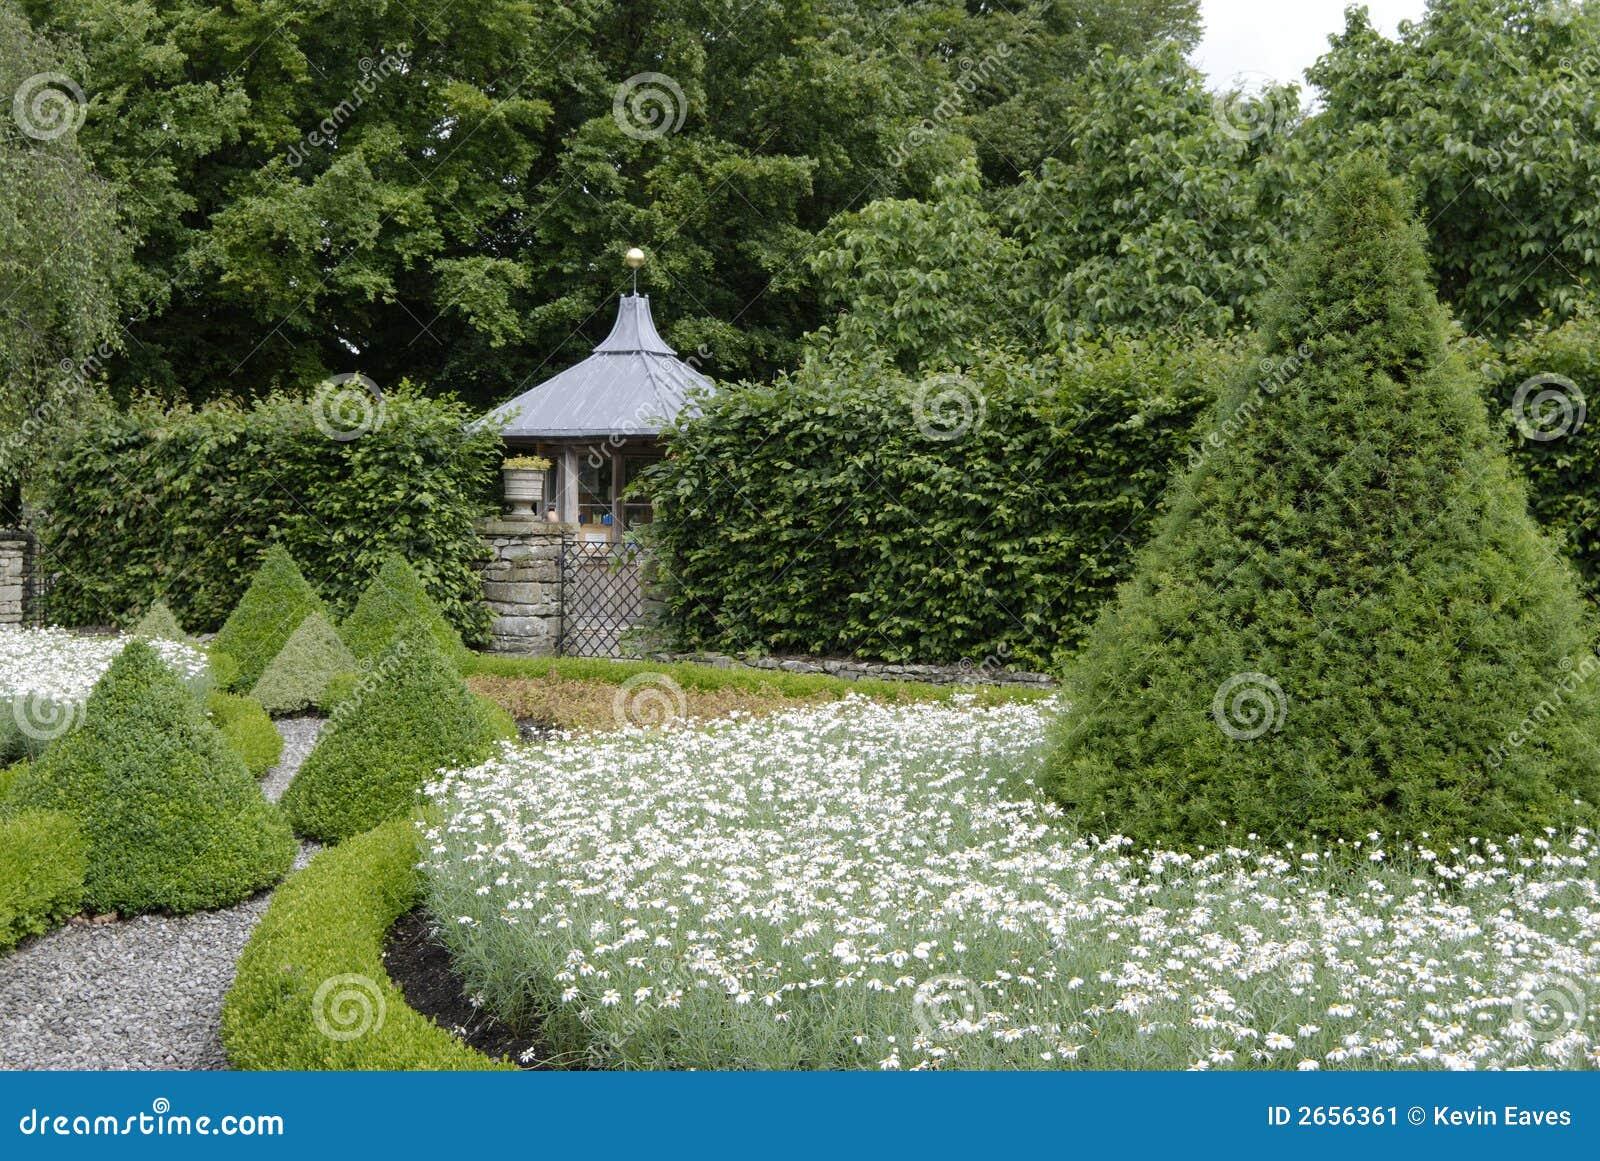 Giardino della casa di campagna immagine stock immagine - Giardino di campagna ...